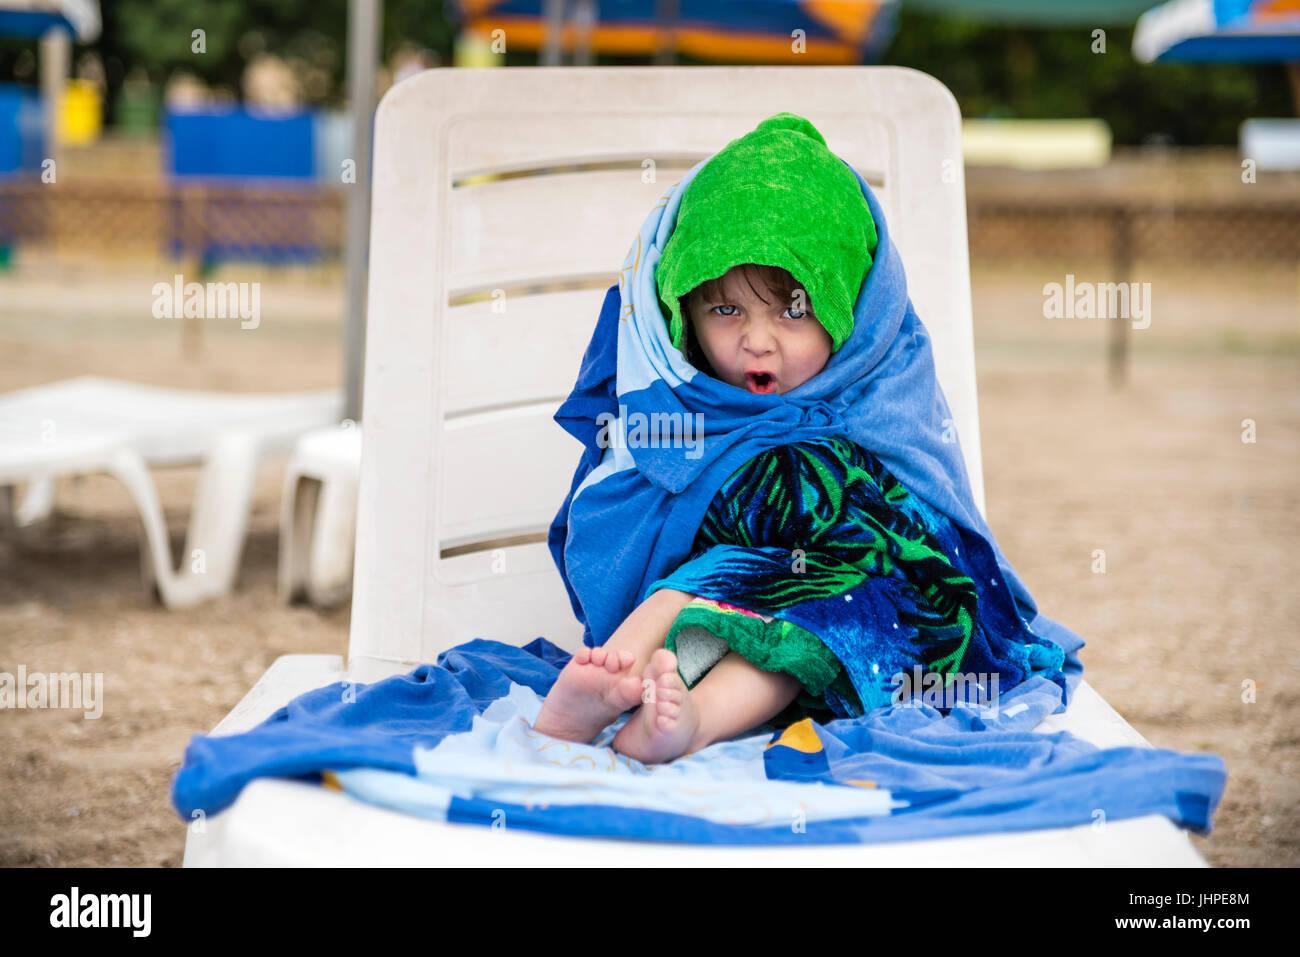 La petite fille enveloppés dans des serviettes pour le réchauffement, les émotions du visage Photo Stock